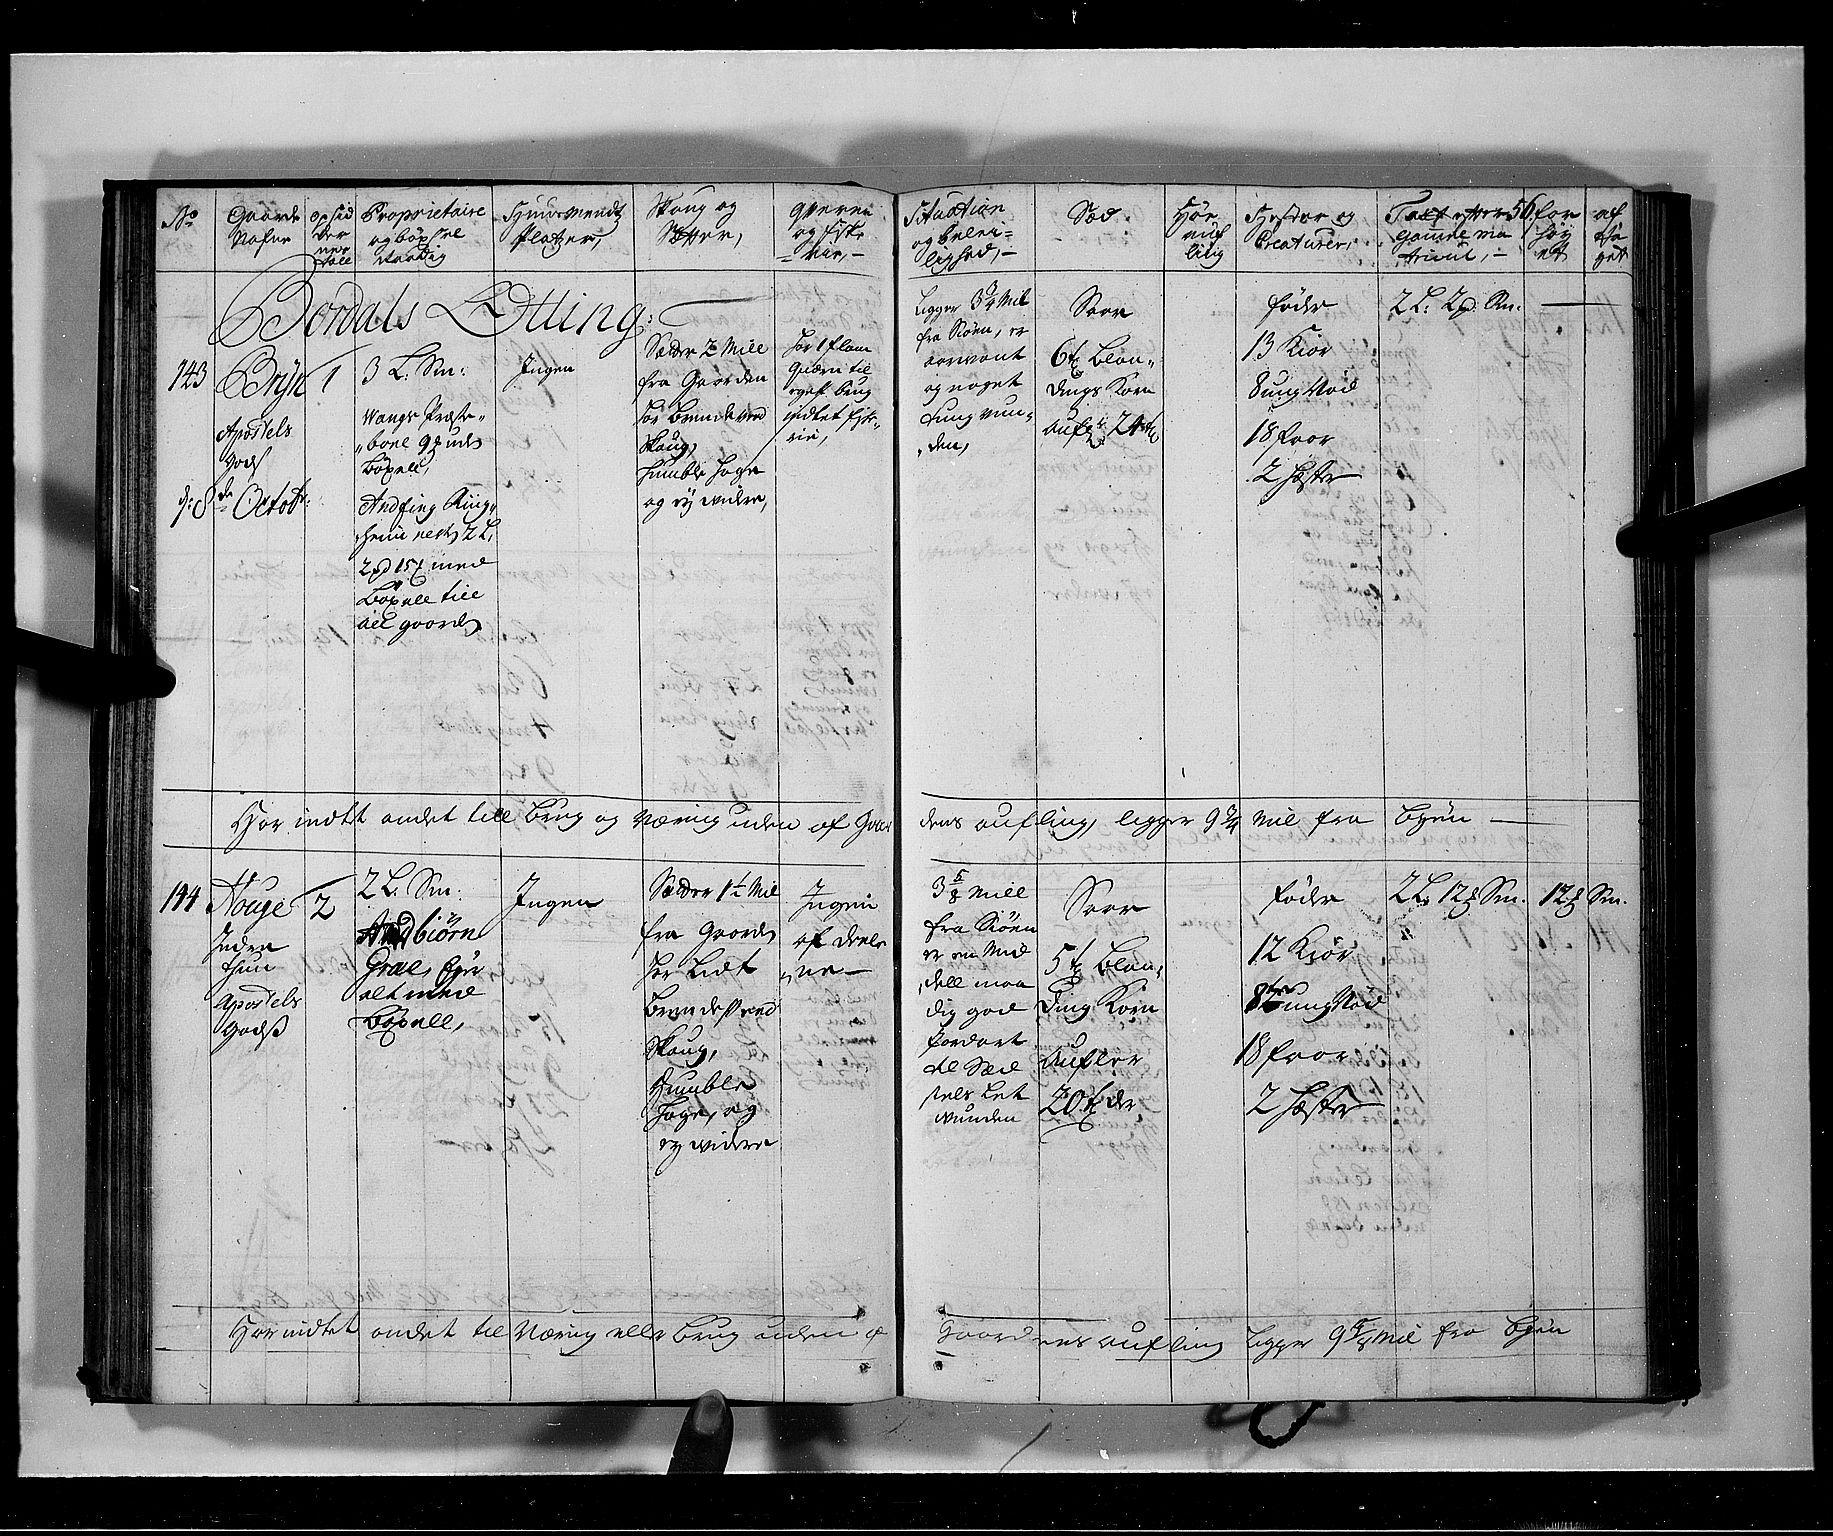 RA, Rentekammeret inntil 1814, Realistisk ordnet avdeling, N/Nb/Nbf/L0141: Voss eksaminasjonsprotokoll, 1723, s. 55b-56a